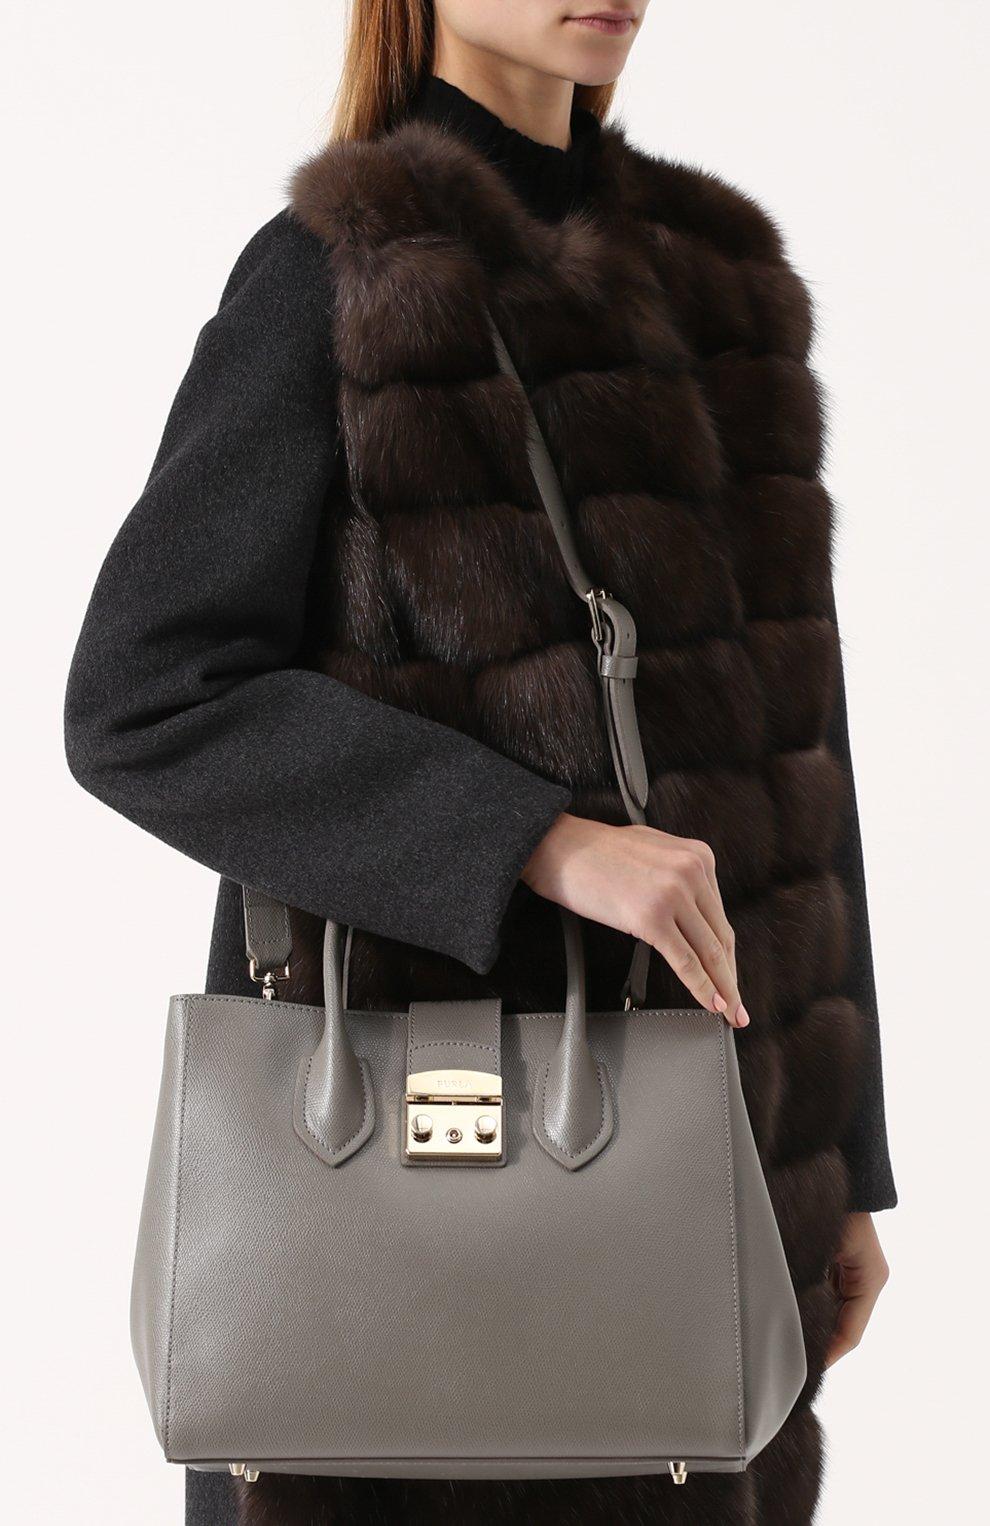 6aba74162b4a Женская сумка metropolis FURLA серого цвета — купить за 27500 руб. в ...